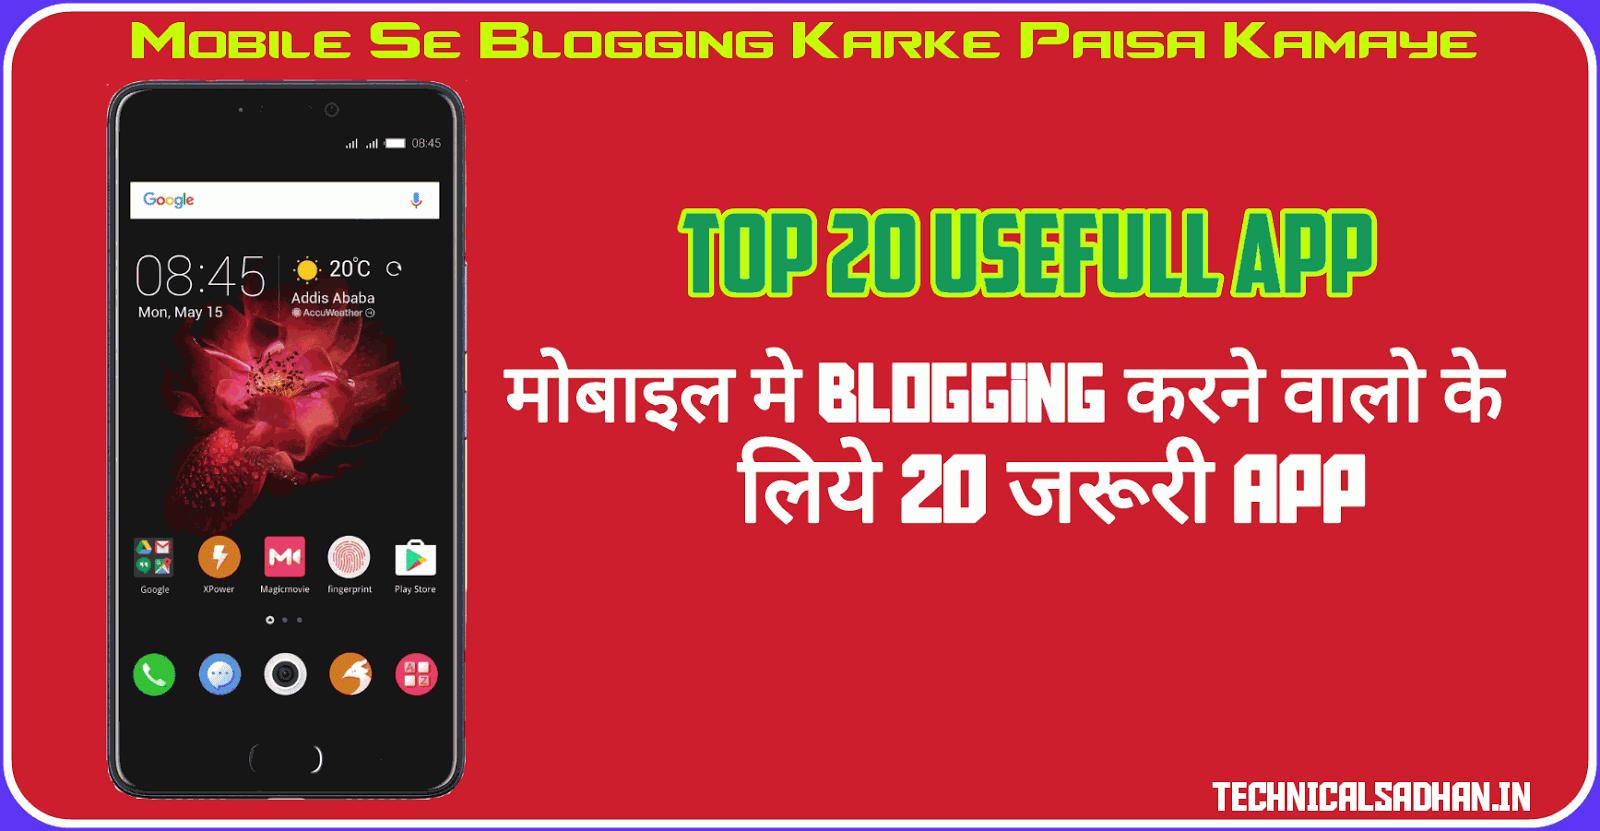 Mobile Me Blogging Karne Wale Blogger Ke Liye 20 Jaruri Apps